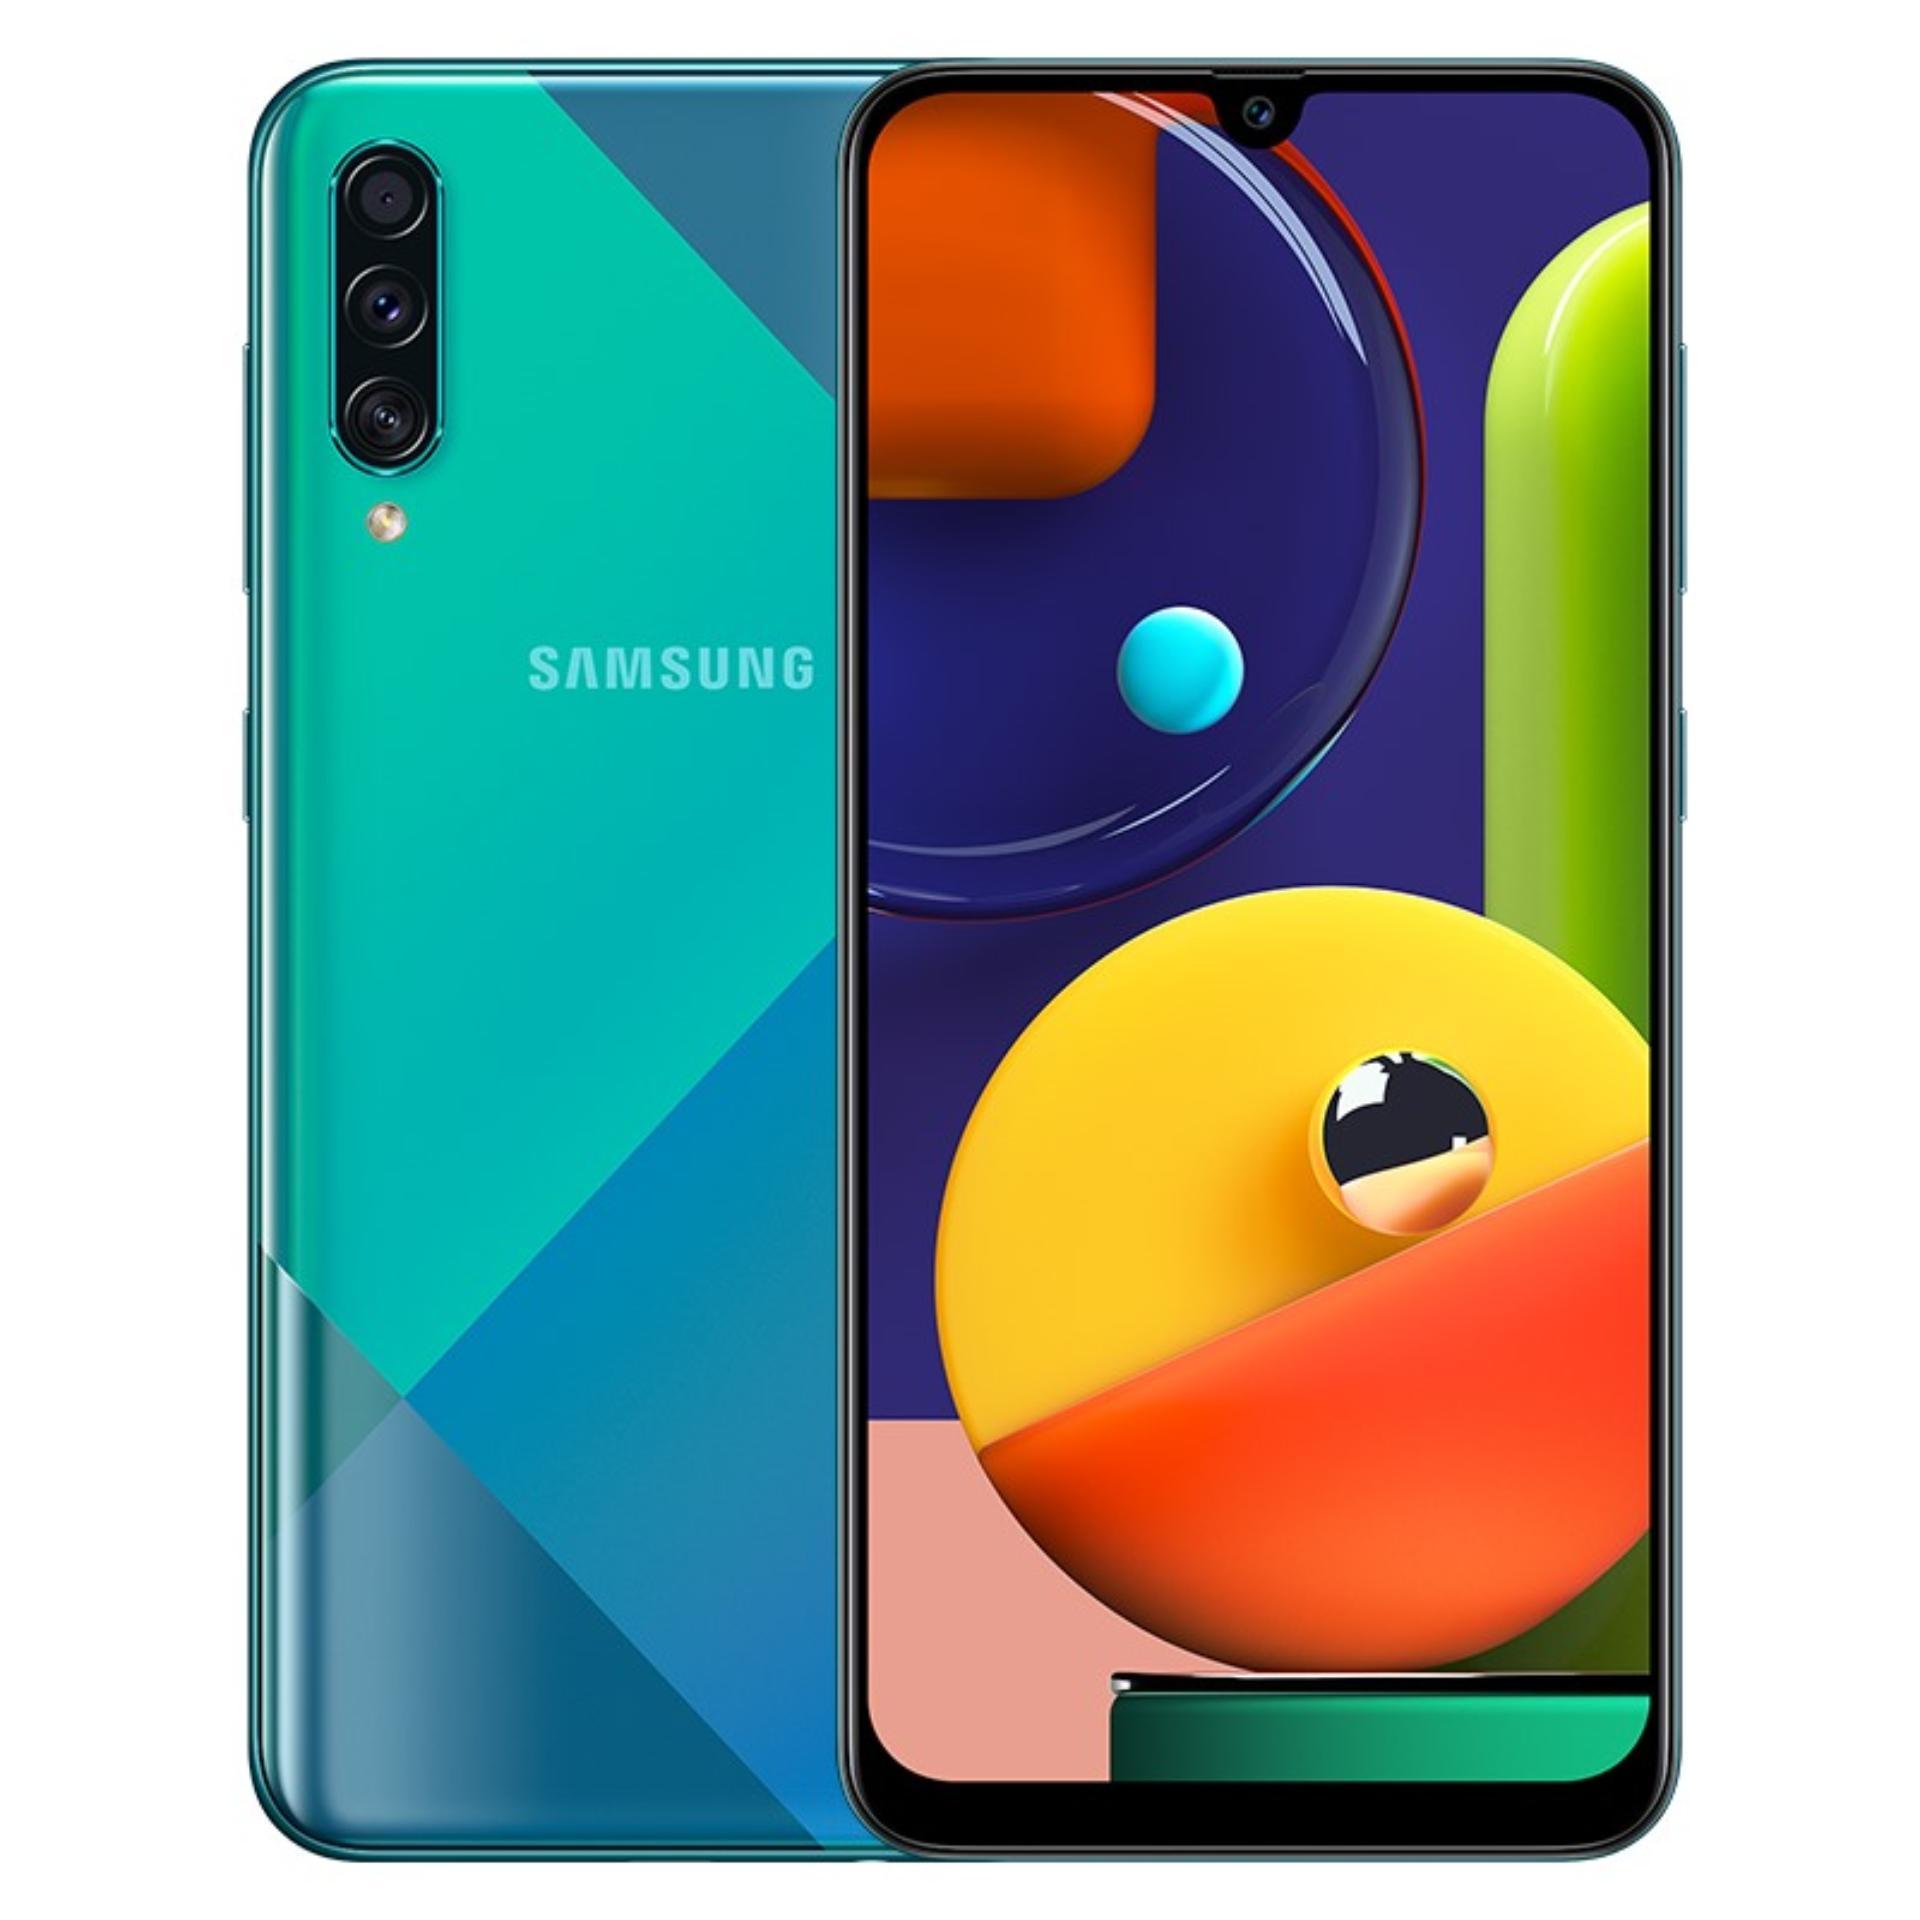 Samsung Galaxy A50 64GB (Xanh) - Hãng phân phối chính thức